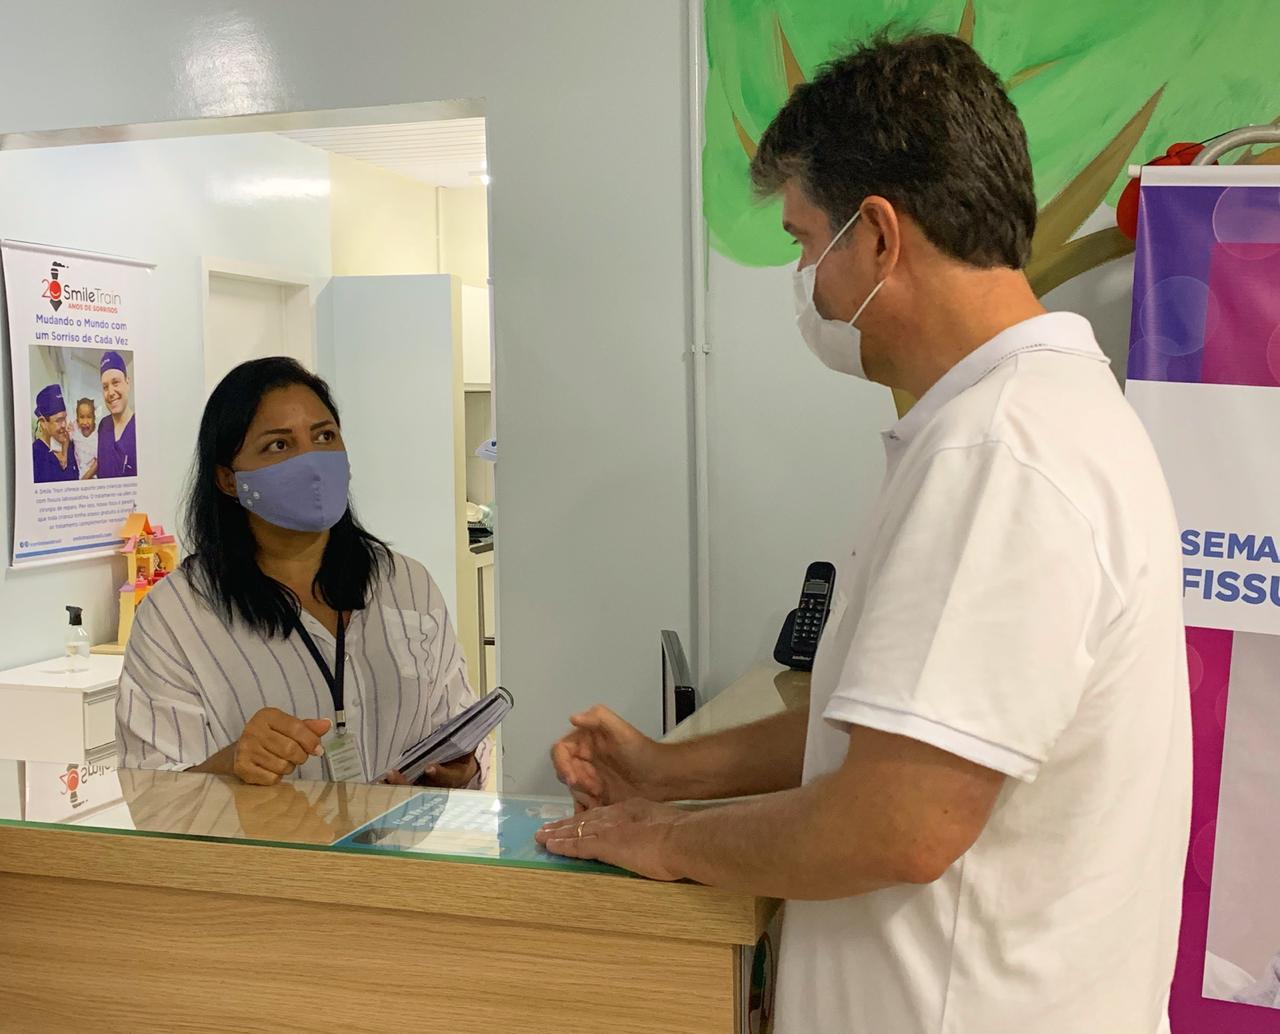 WhatsApp Image 2020 10 06 at 15.26.32 - Saúde: Ruy propõe parcerias com hospitais filantrópicos e HU para acabar com filas na saúde